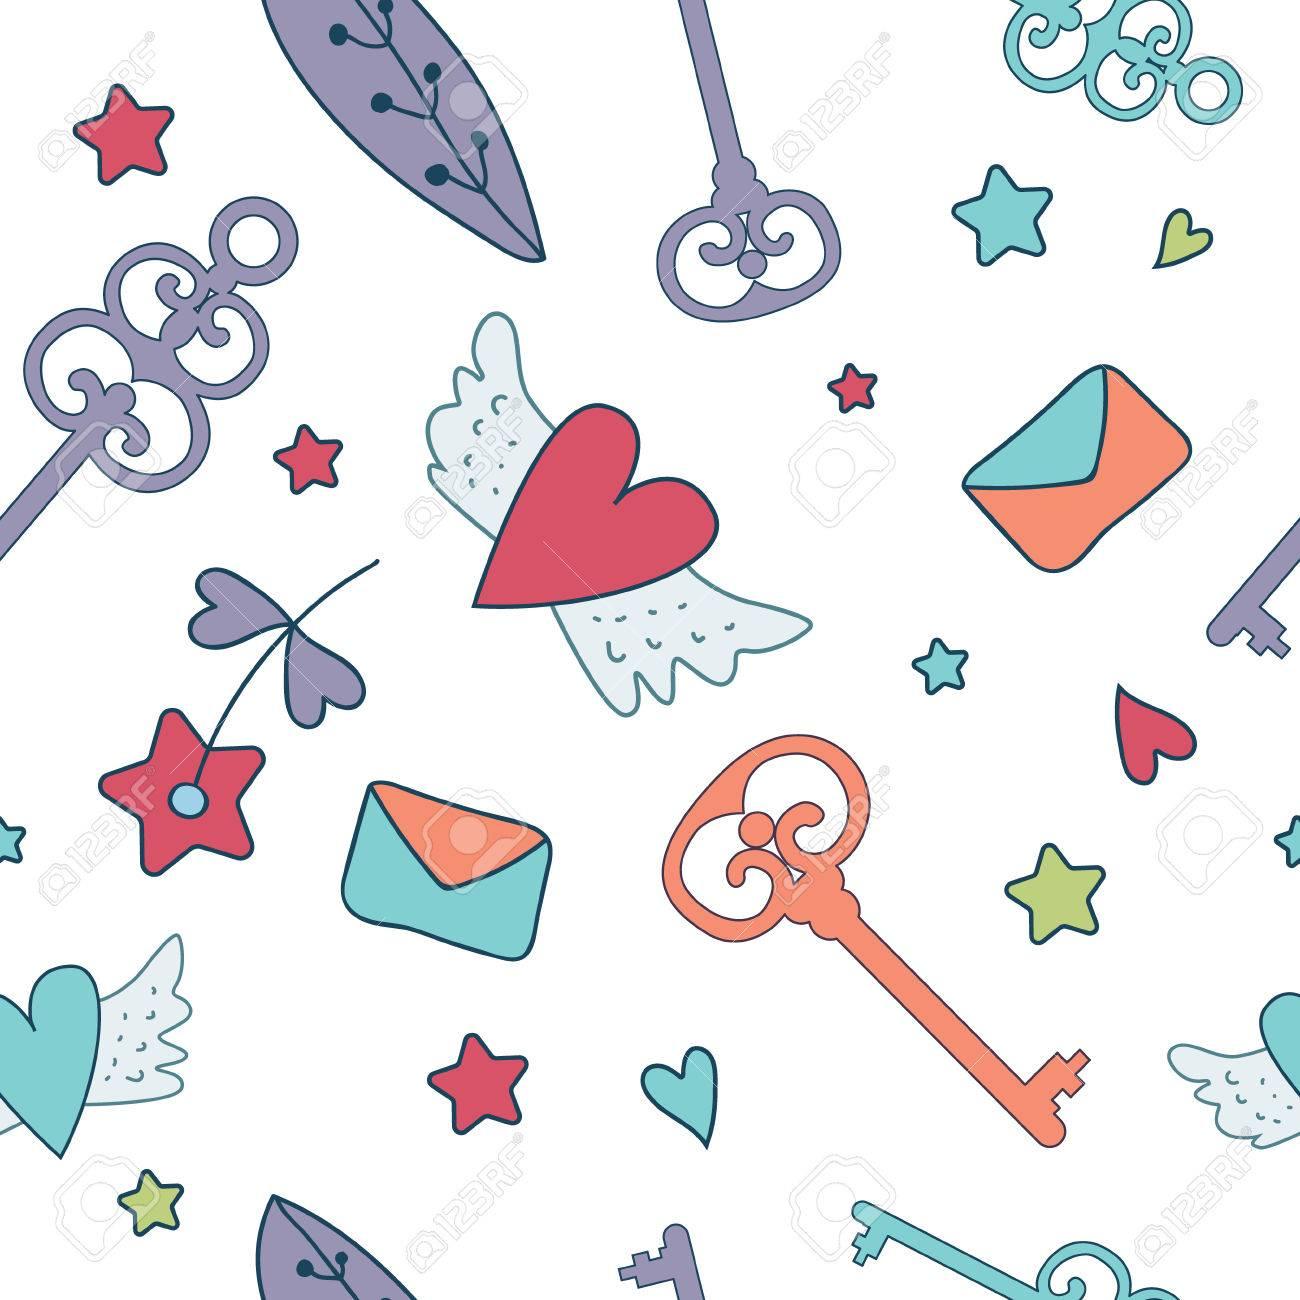 Sin Patrón Floral Aislado En Blanco Lindo Llaves Letras Corazones Pasteles Estrellas Y Flores Diseño De Cuento De Hadas Para Su Tarjeta De Amor